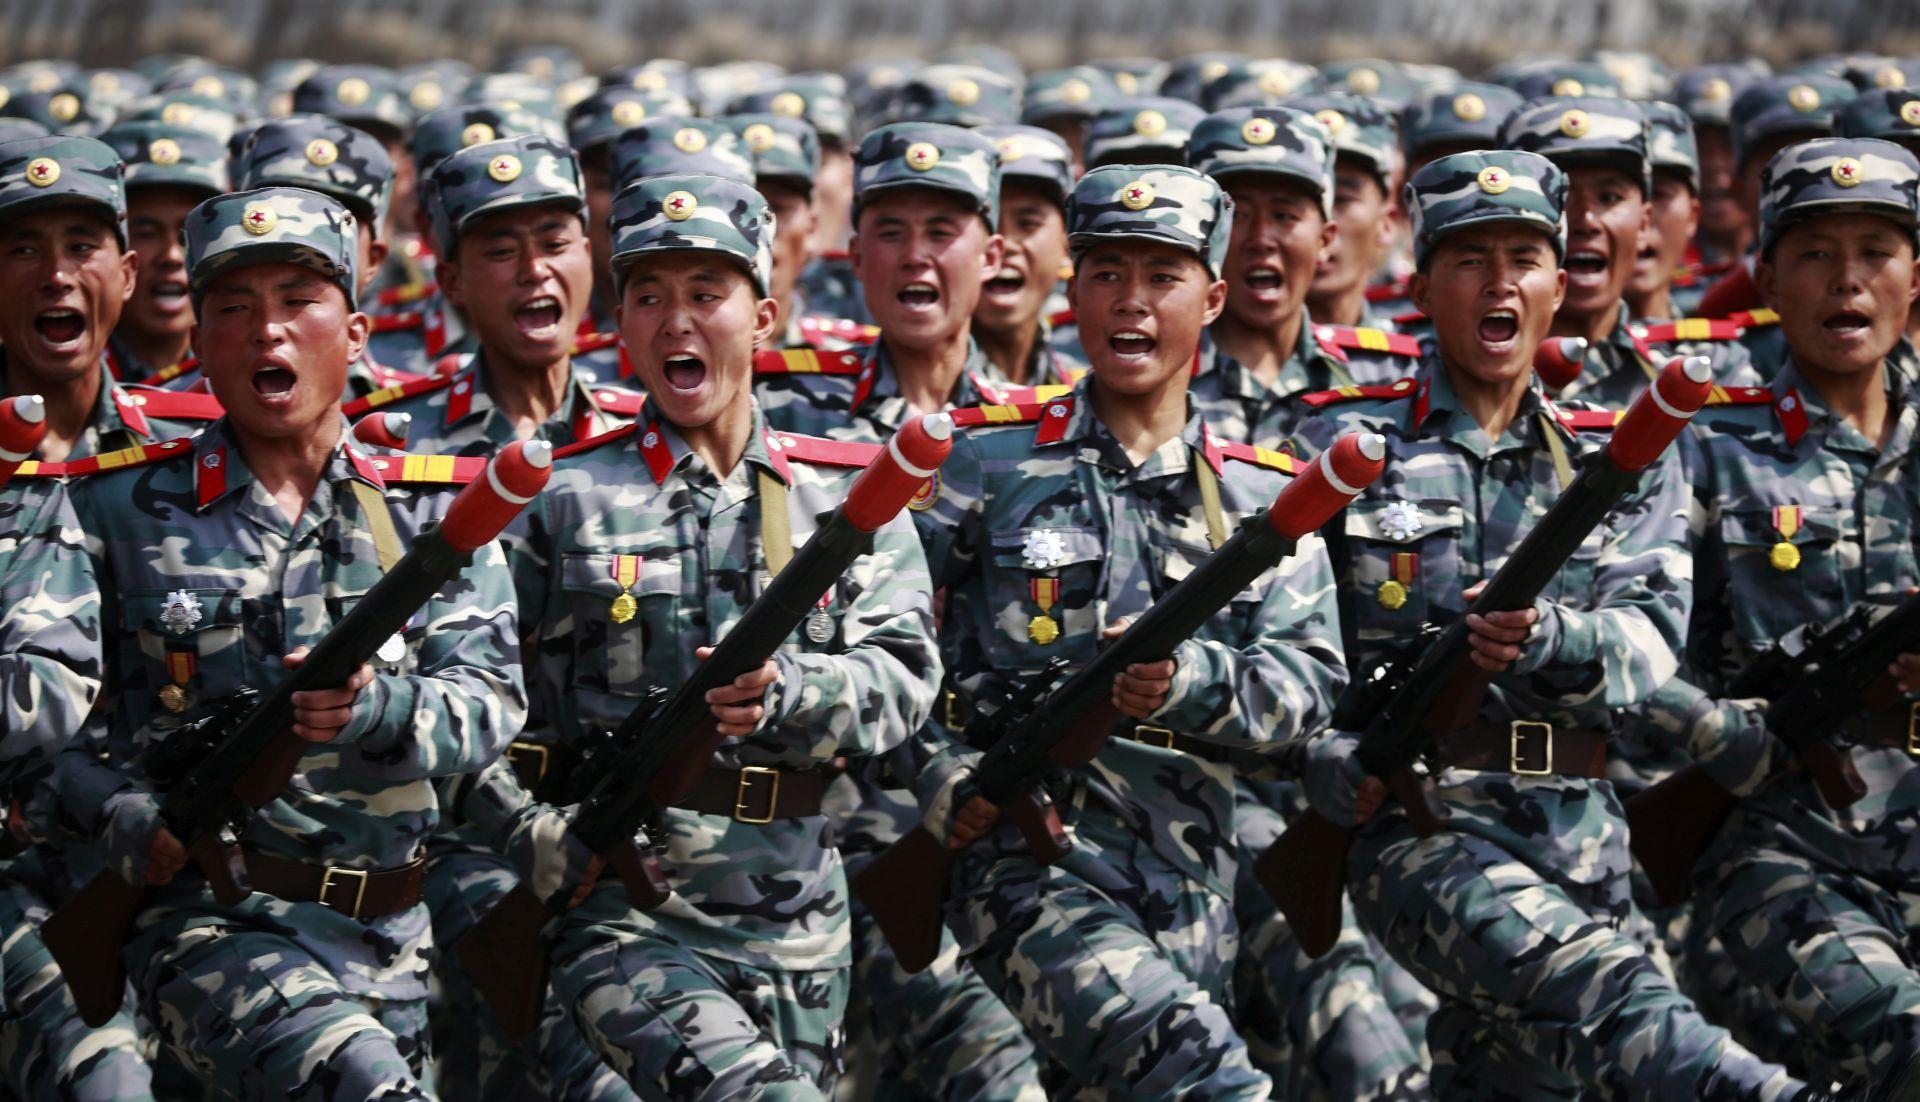 Sjeverna Koreja prijeti 'supermoćnim preventivnim napadom'